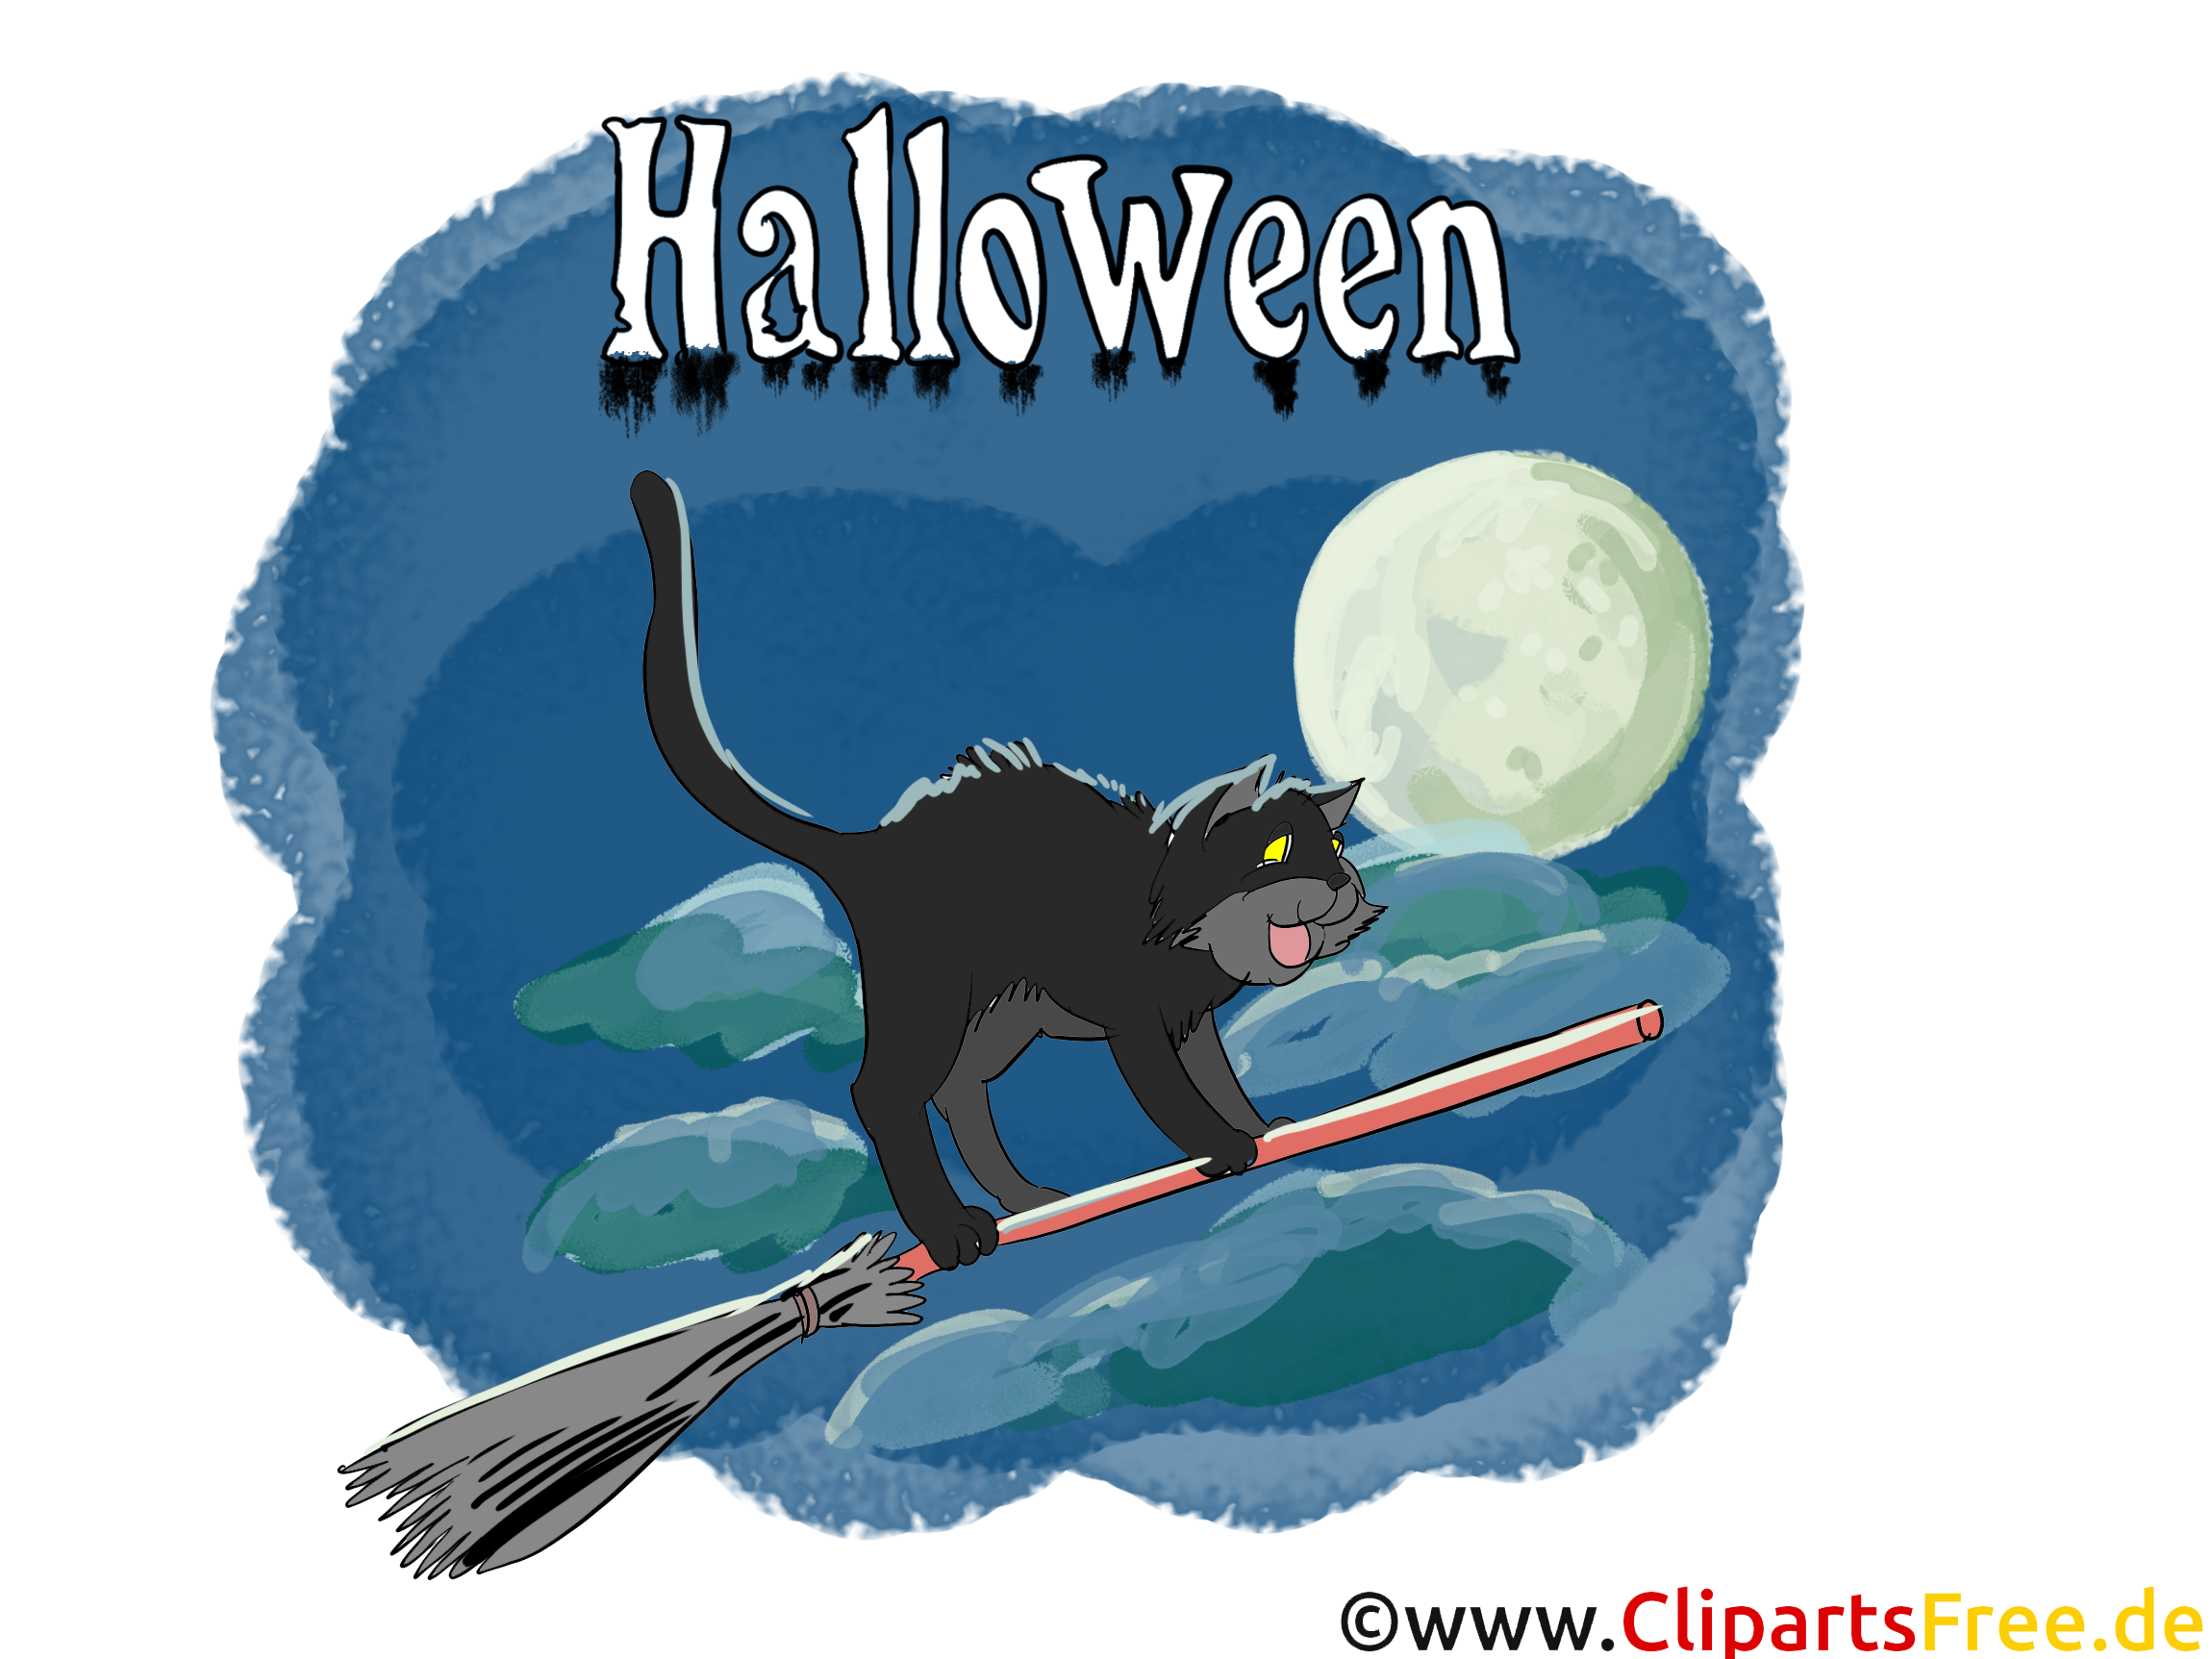 Schwarze Katze auf Besen - Illustrationen, Bilder, Grafiken, Cliparts, Cartoons zu Halloween